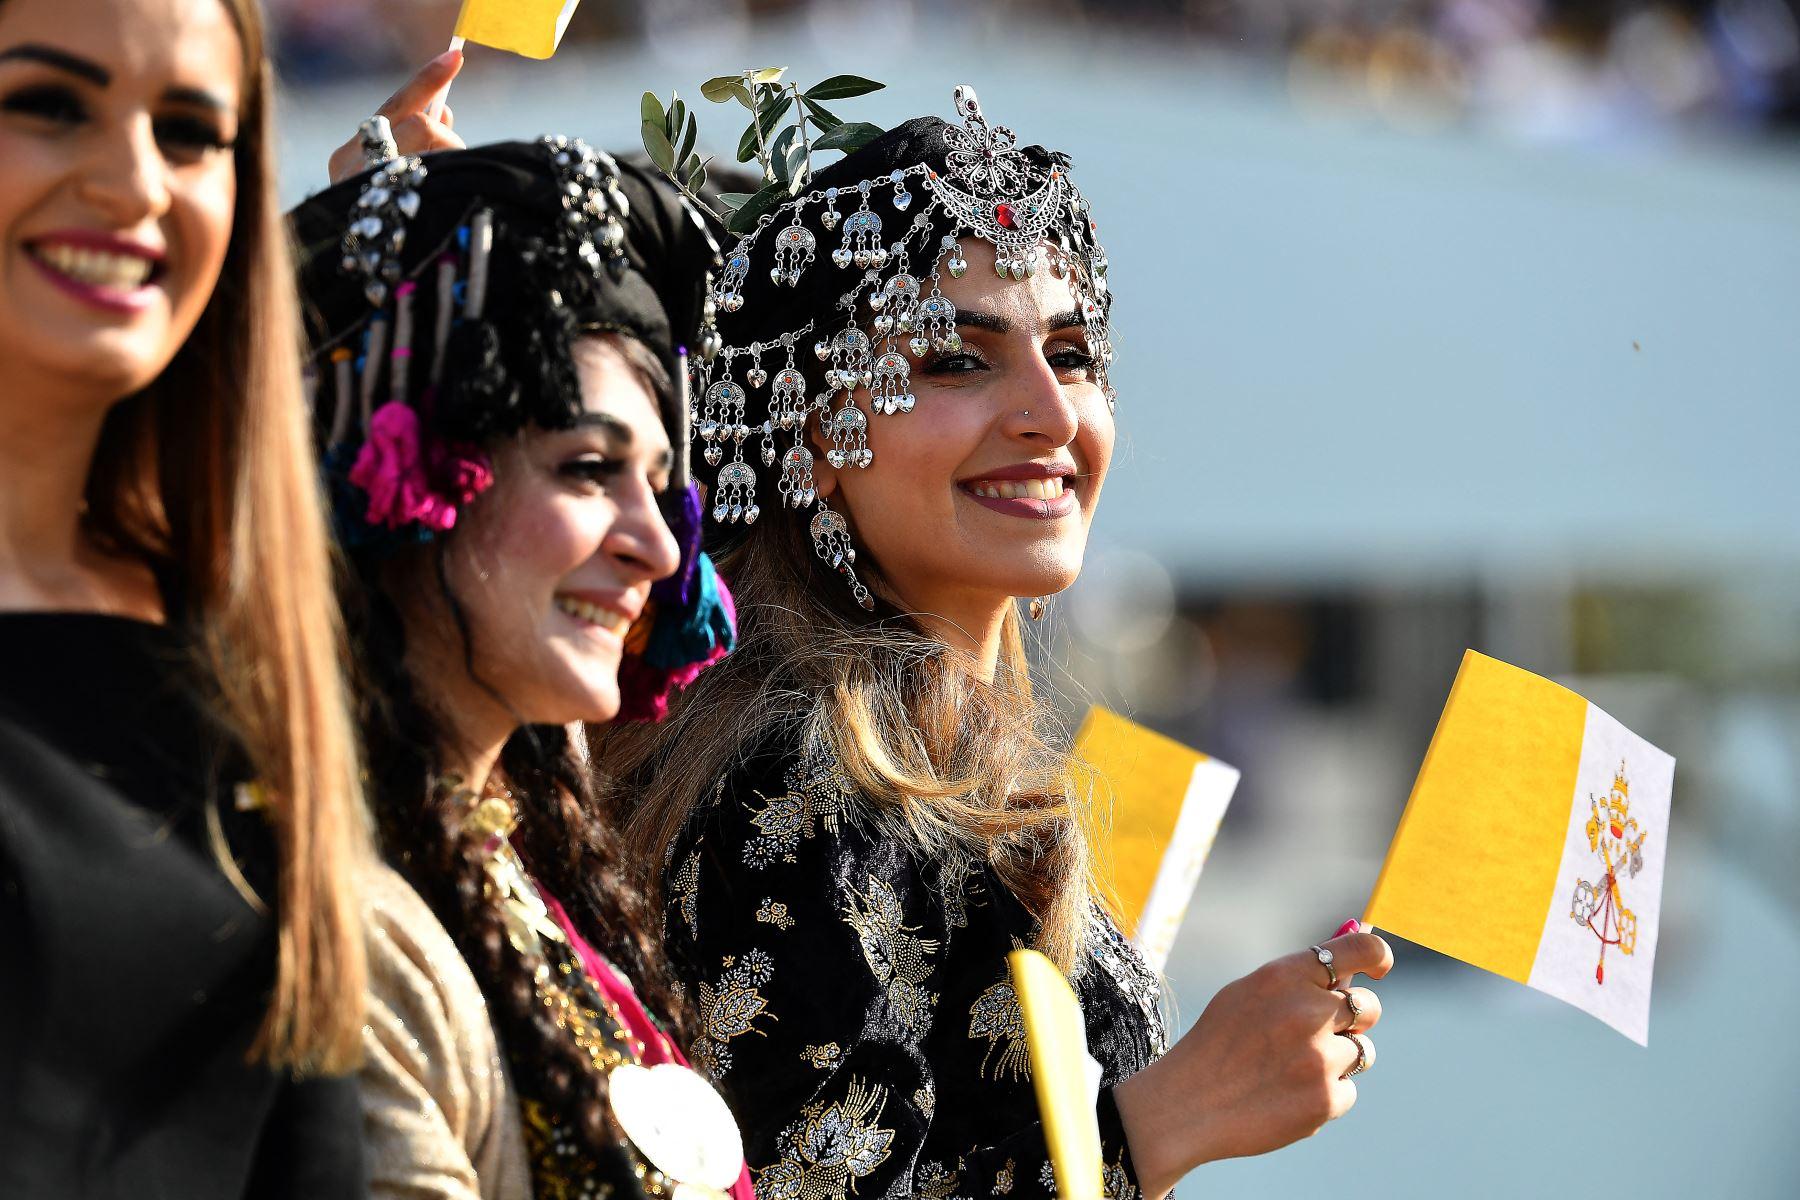 Mujeres jóvenes vestidas con ropa tradicional kurda ondean banderas de la Santa Sede mientras esperan la llegada del Papa Francisco al Estadio Franso Hariri en Arbil, en la capital de la región autónoma kurda del norte de Irak.  Foto: AFP